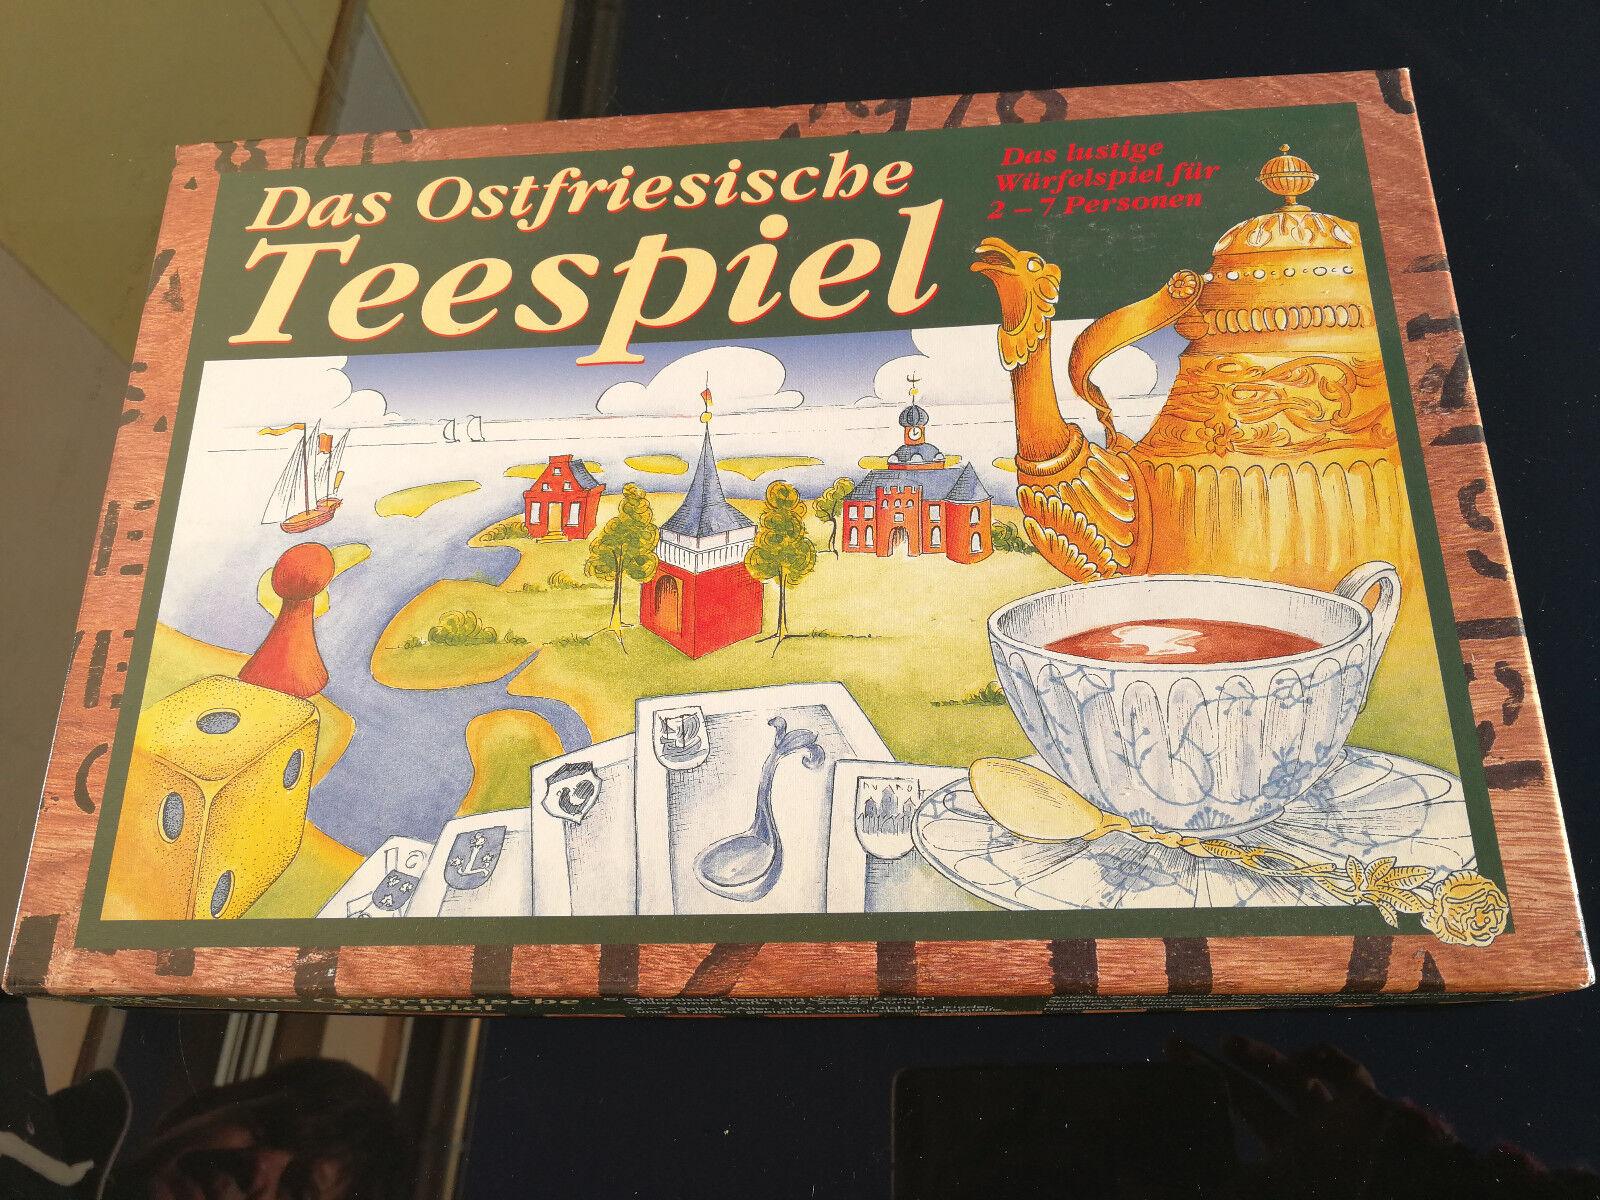 Das Ostfriesische Teespiel, sehr gut erhalten rar